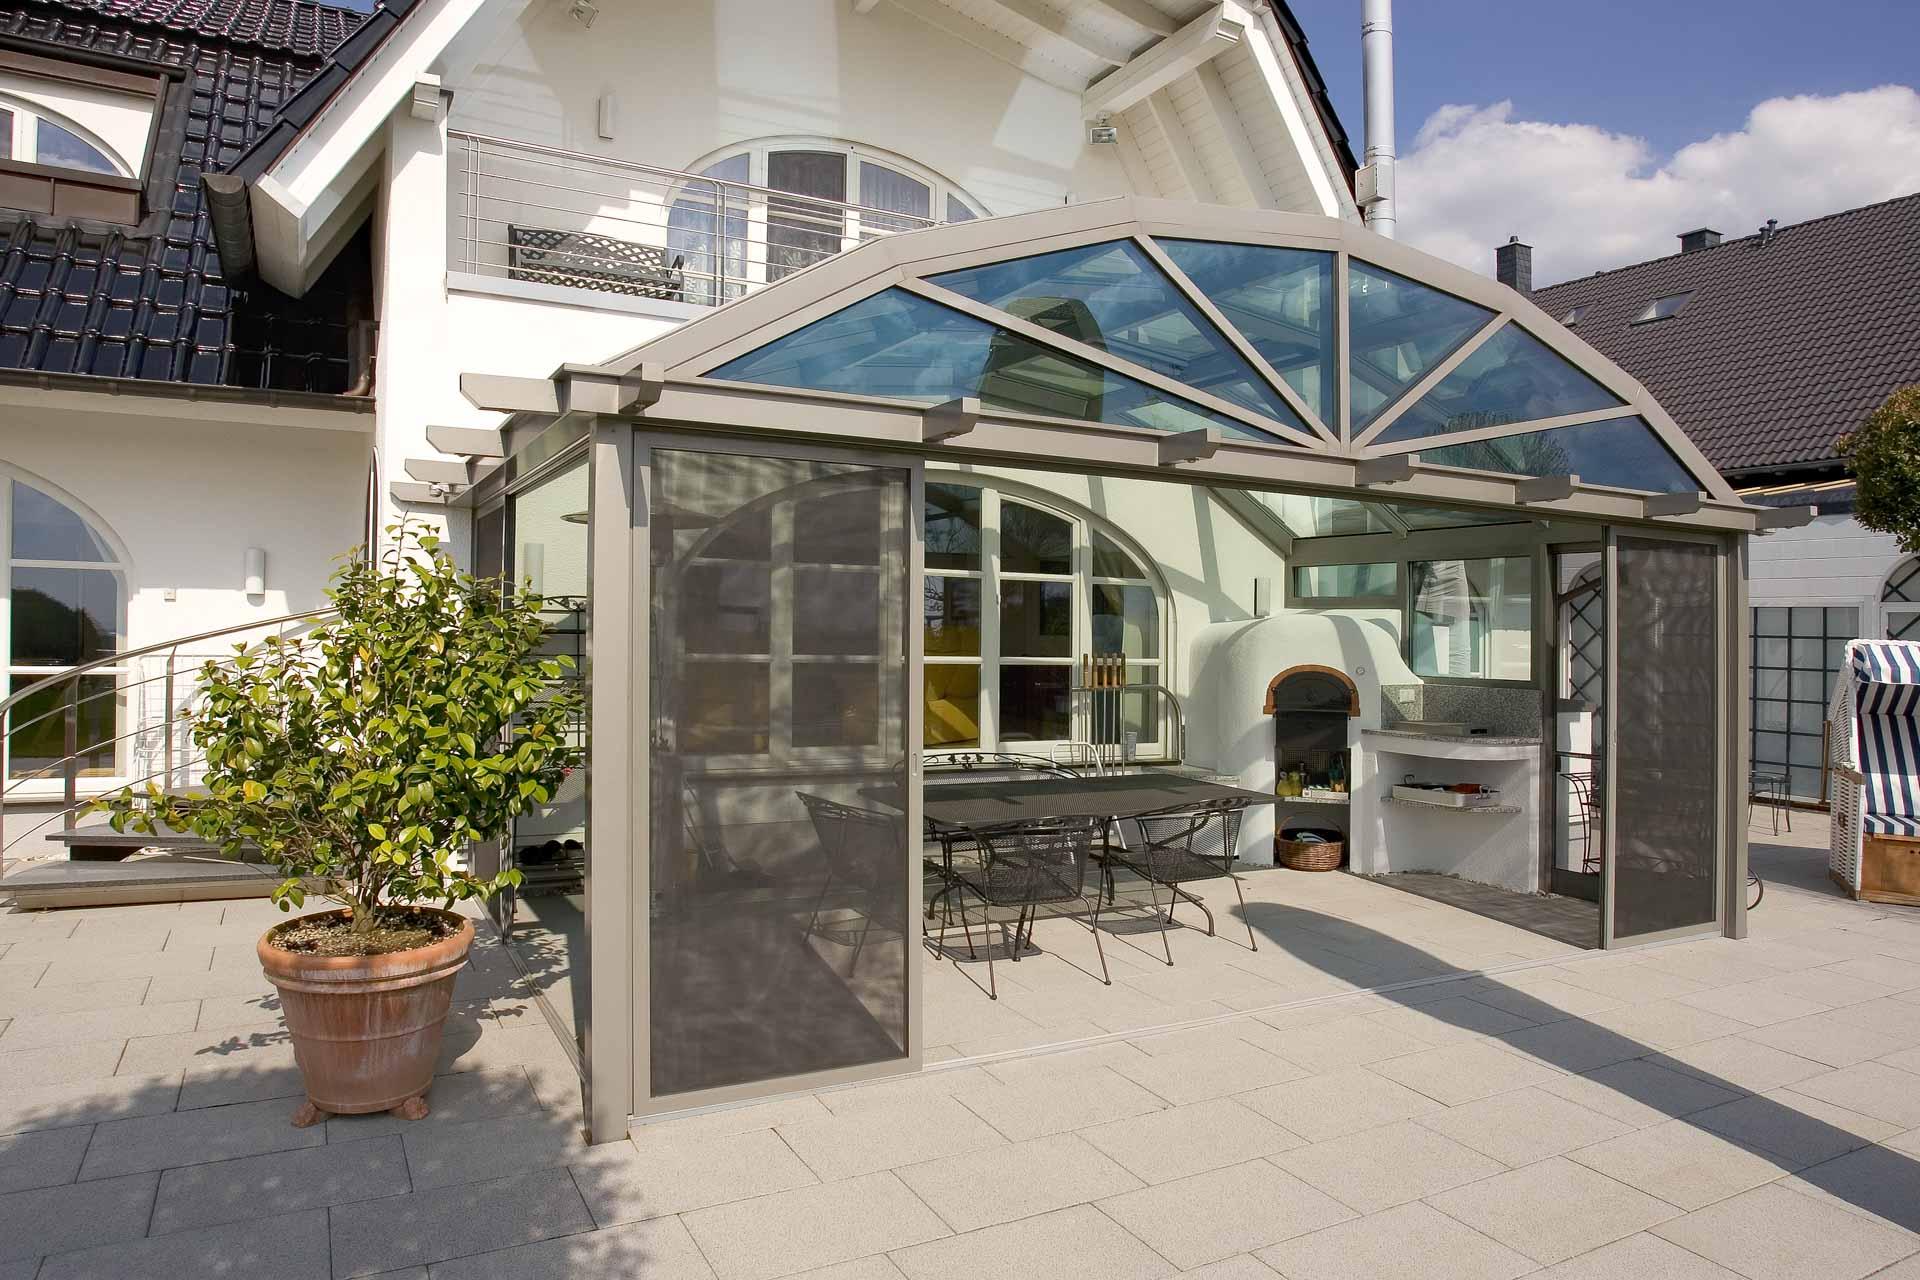 Überdachung mit Segmentbogendach in Kürten (Objekt 973). Das Segmentbogendach, harmonisch angelehnt an die Architektur des Hauses.